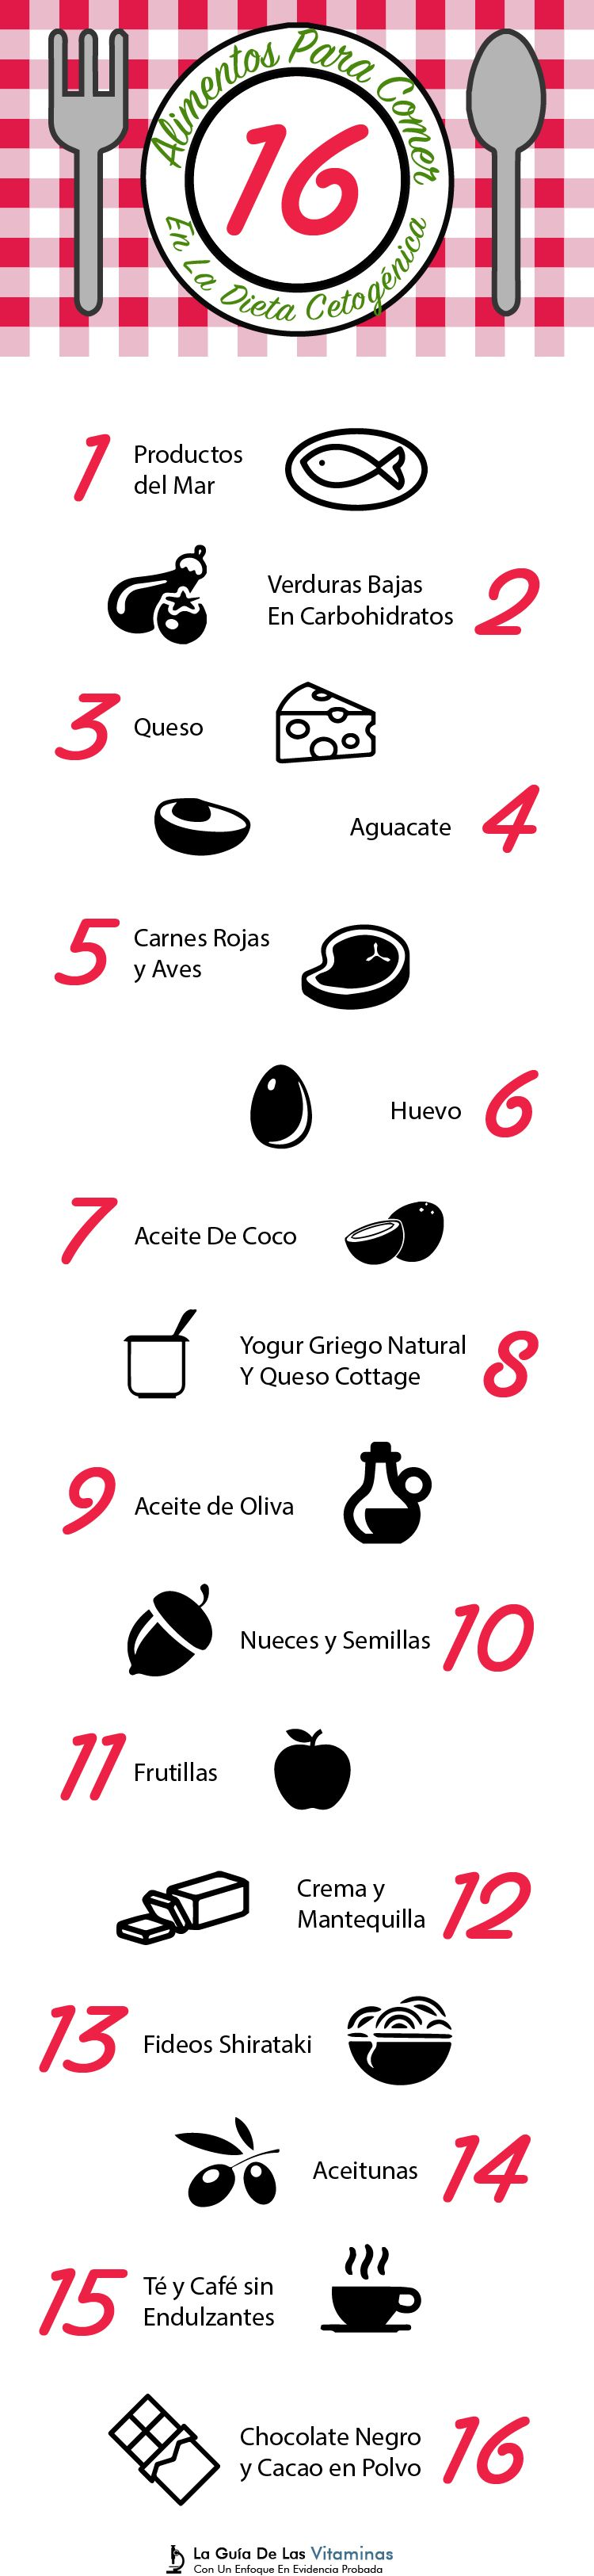 ¿qué comida chatarra puedes comer con la dieta cetosis?